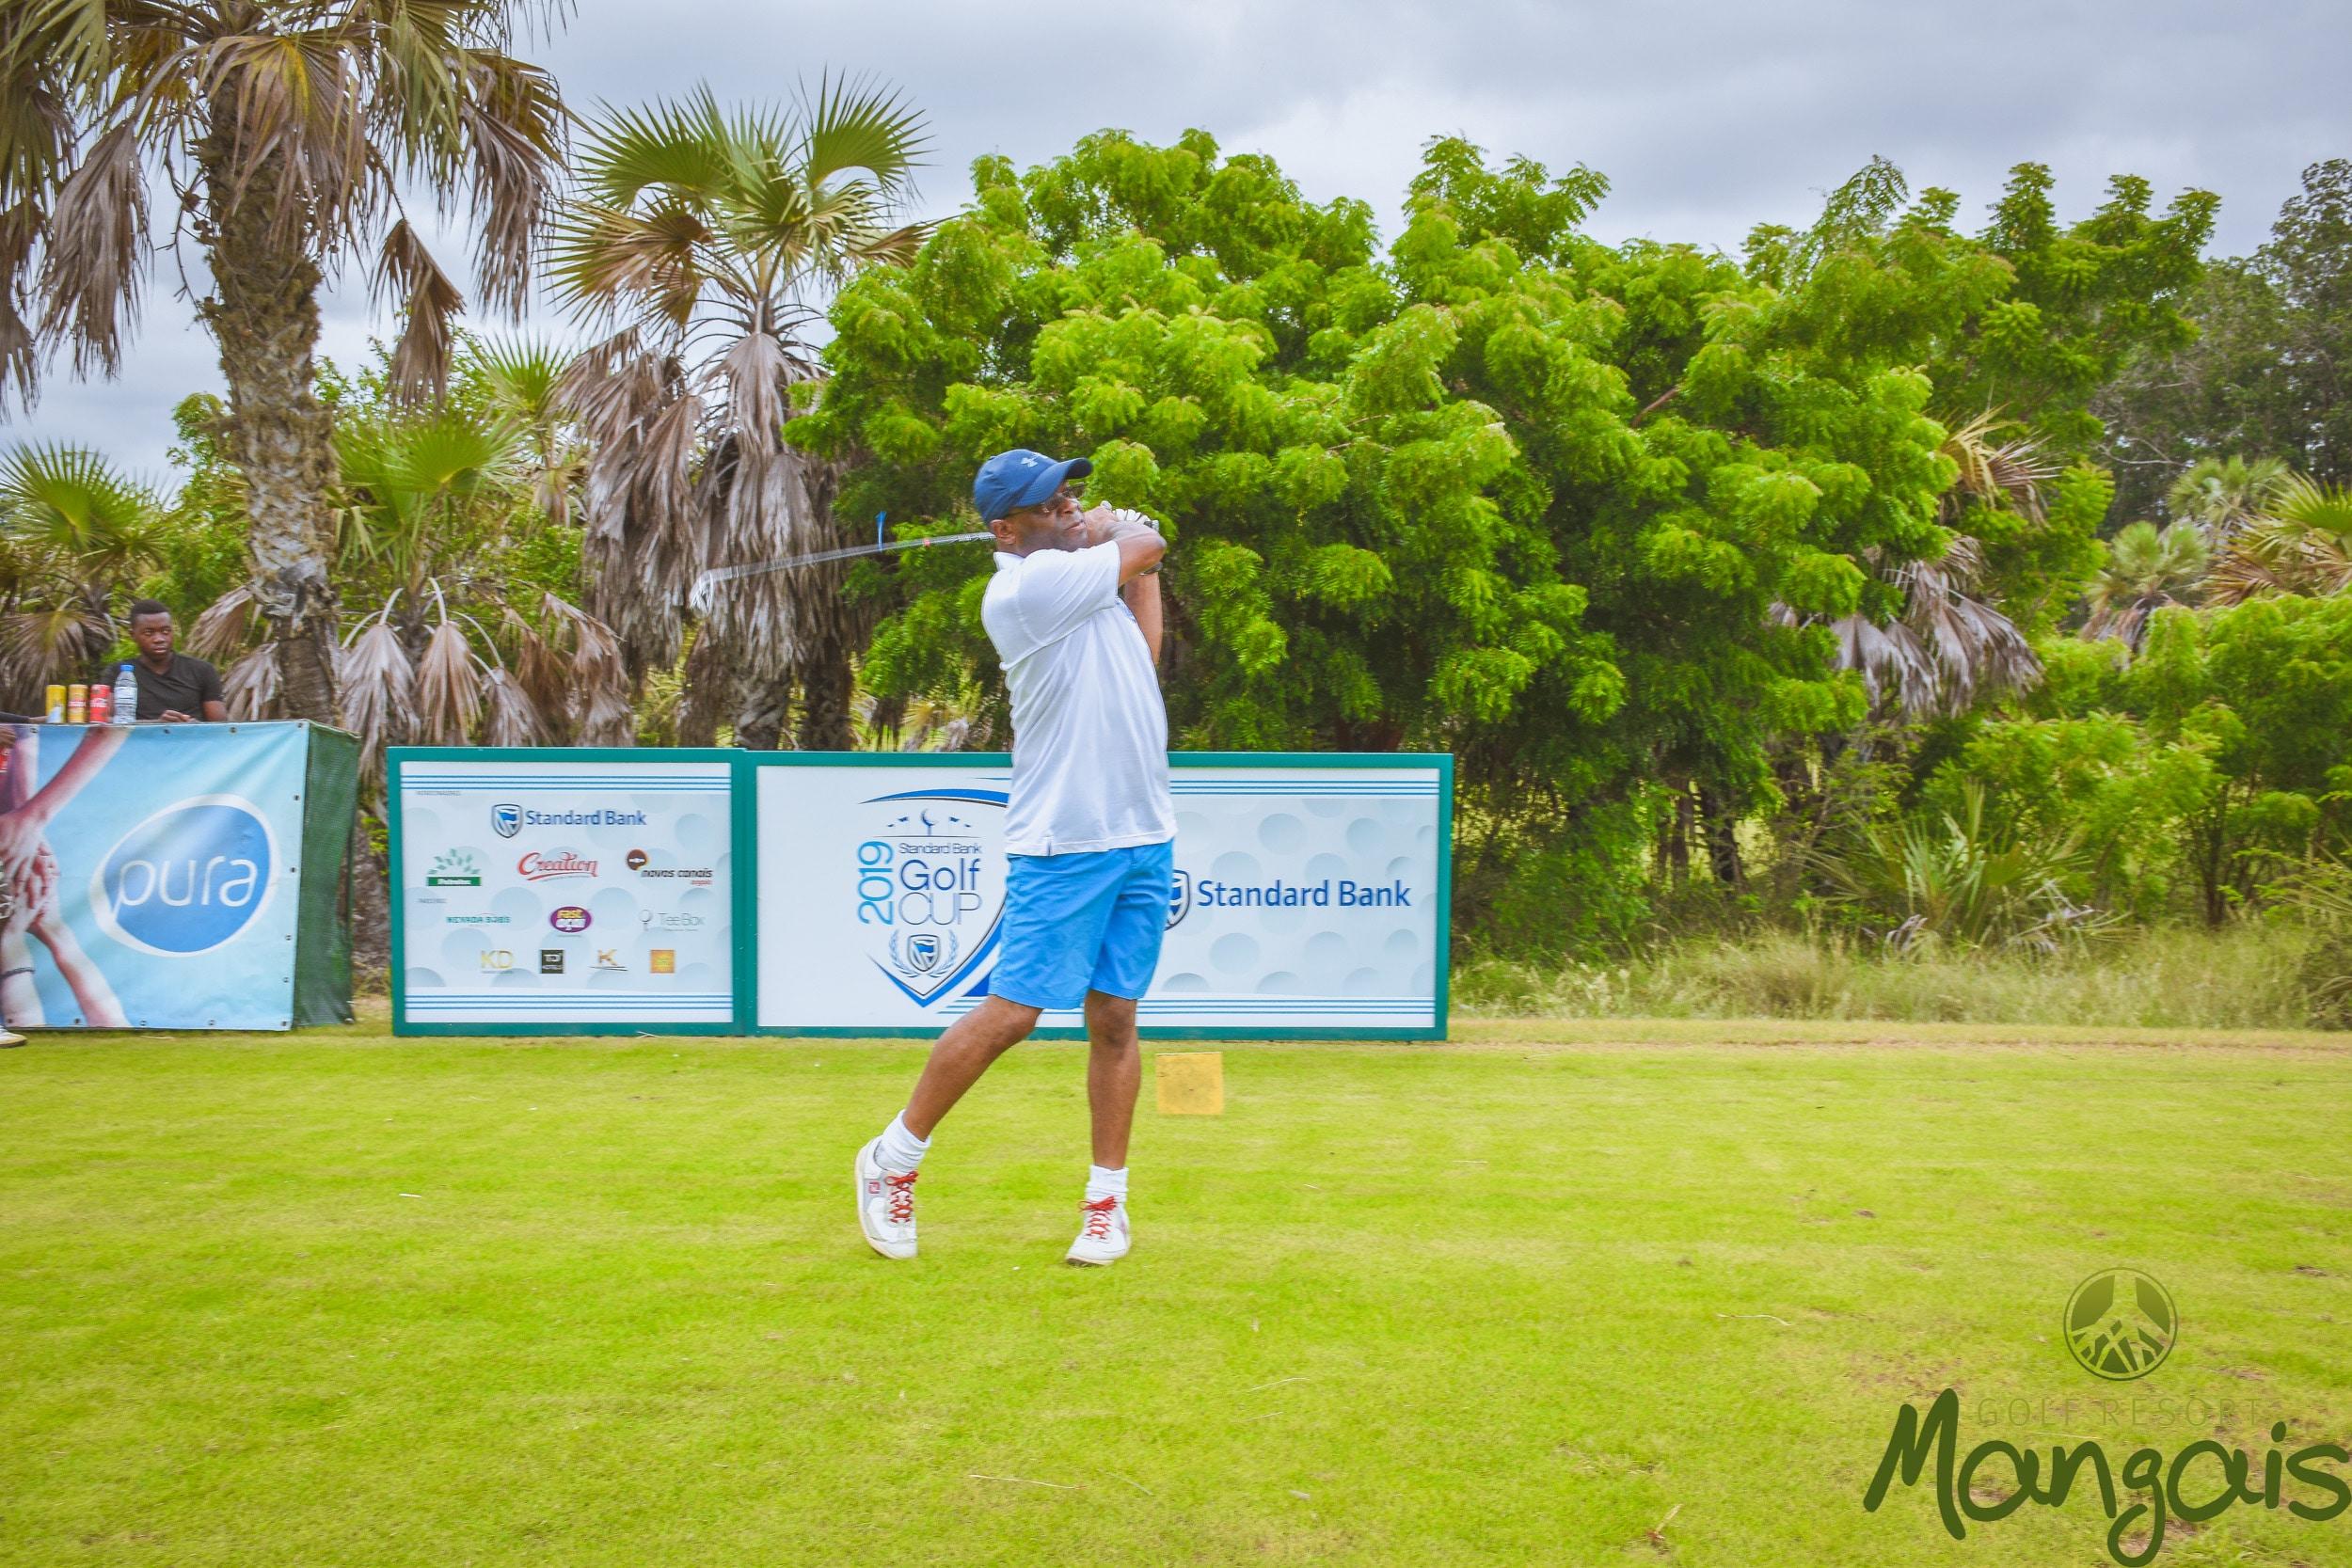 angola golf awards prestigia os golfistas com melhor desempenho em 2018 - SBC 16022019 175 1 - Angola Golf Awards prestigia os golfistas com melhor desempenho em 2018